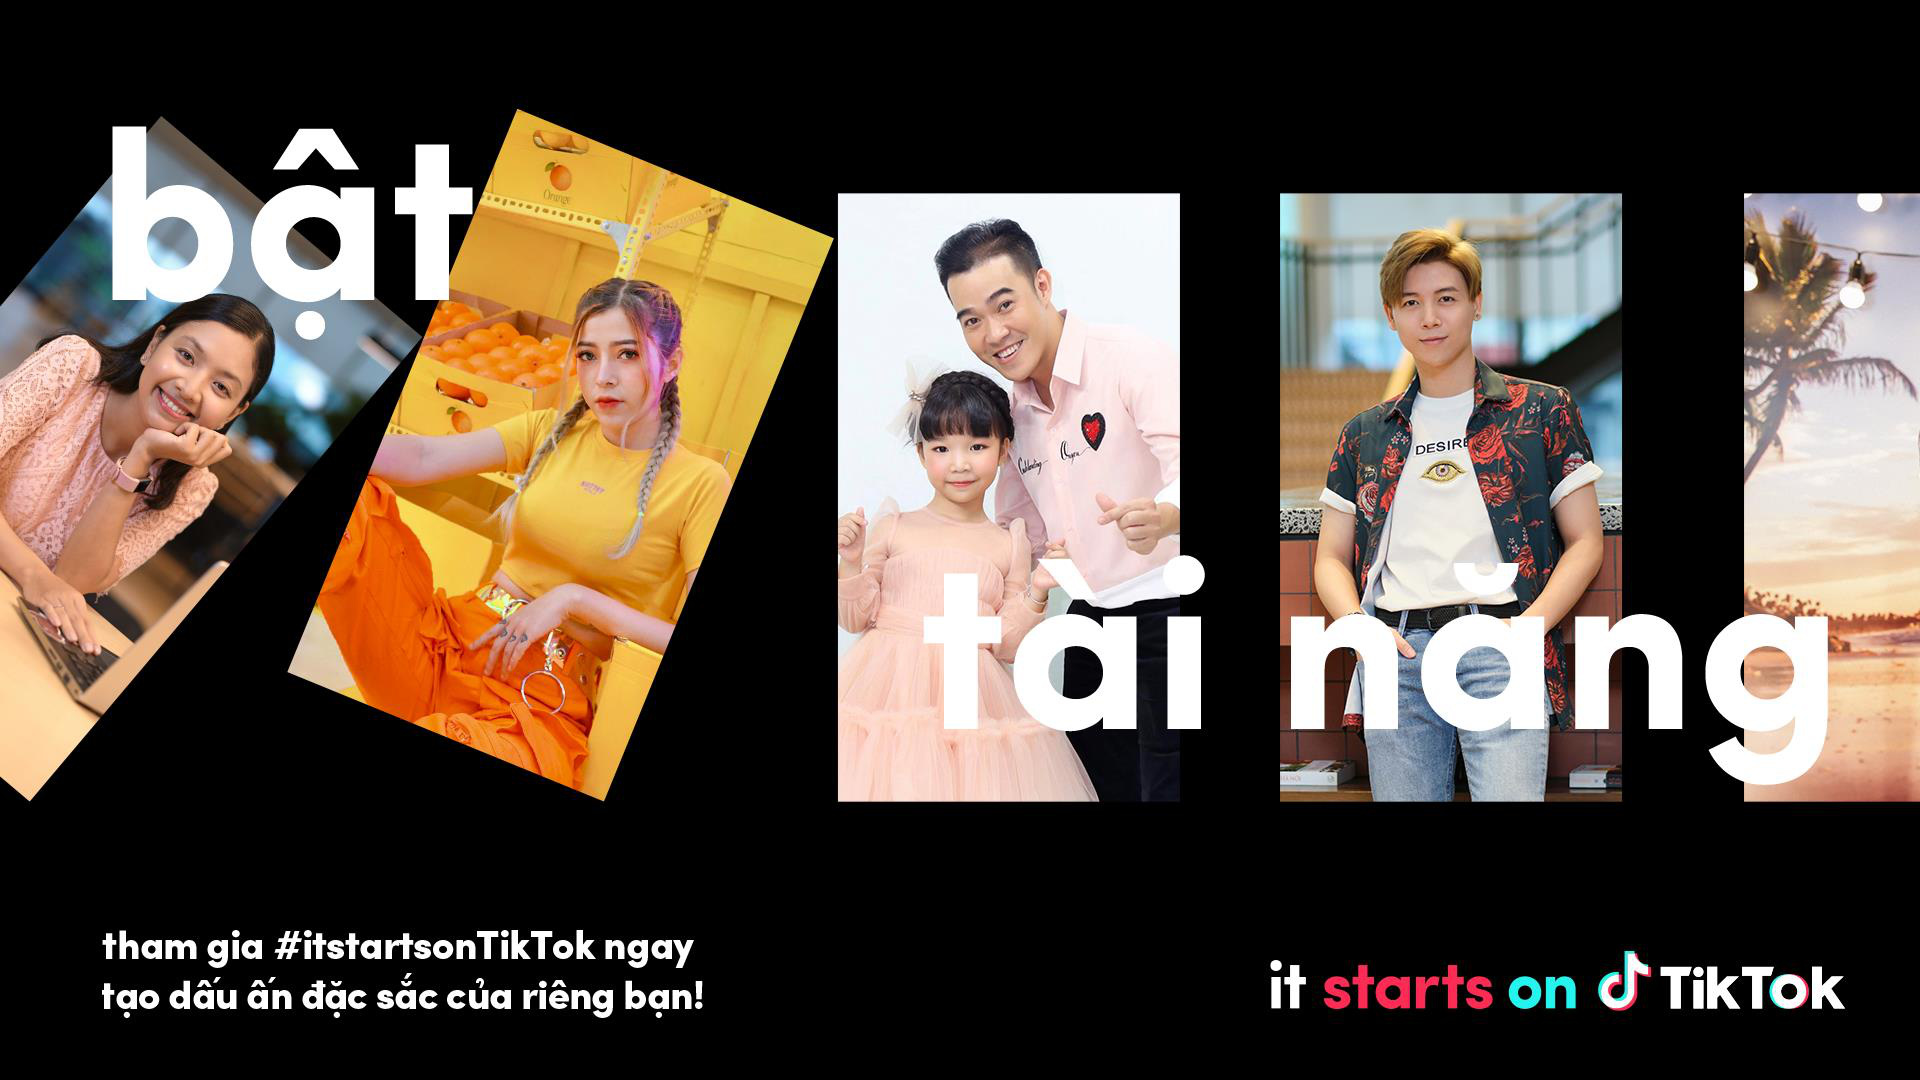 Sáng tạo cùng TikTok, nghệ sĩ Việt khiến người hâm mộ thích thú trước khoảnh khắc đời thường độc đáo - Ảnh 7.